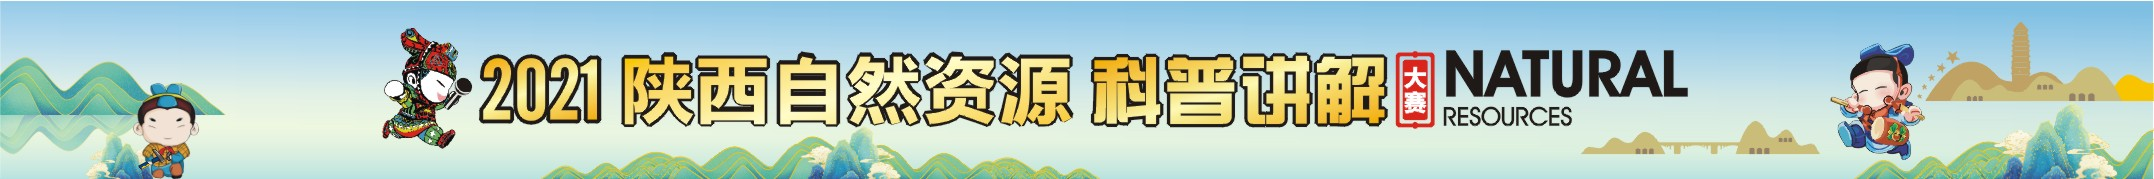 2021年陕西自然资源科普讲解大赛